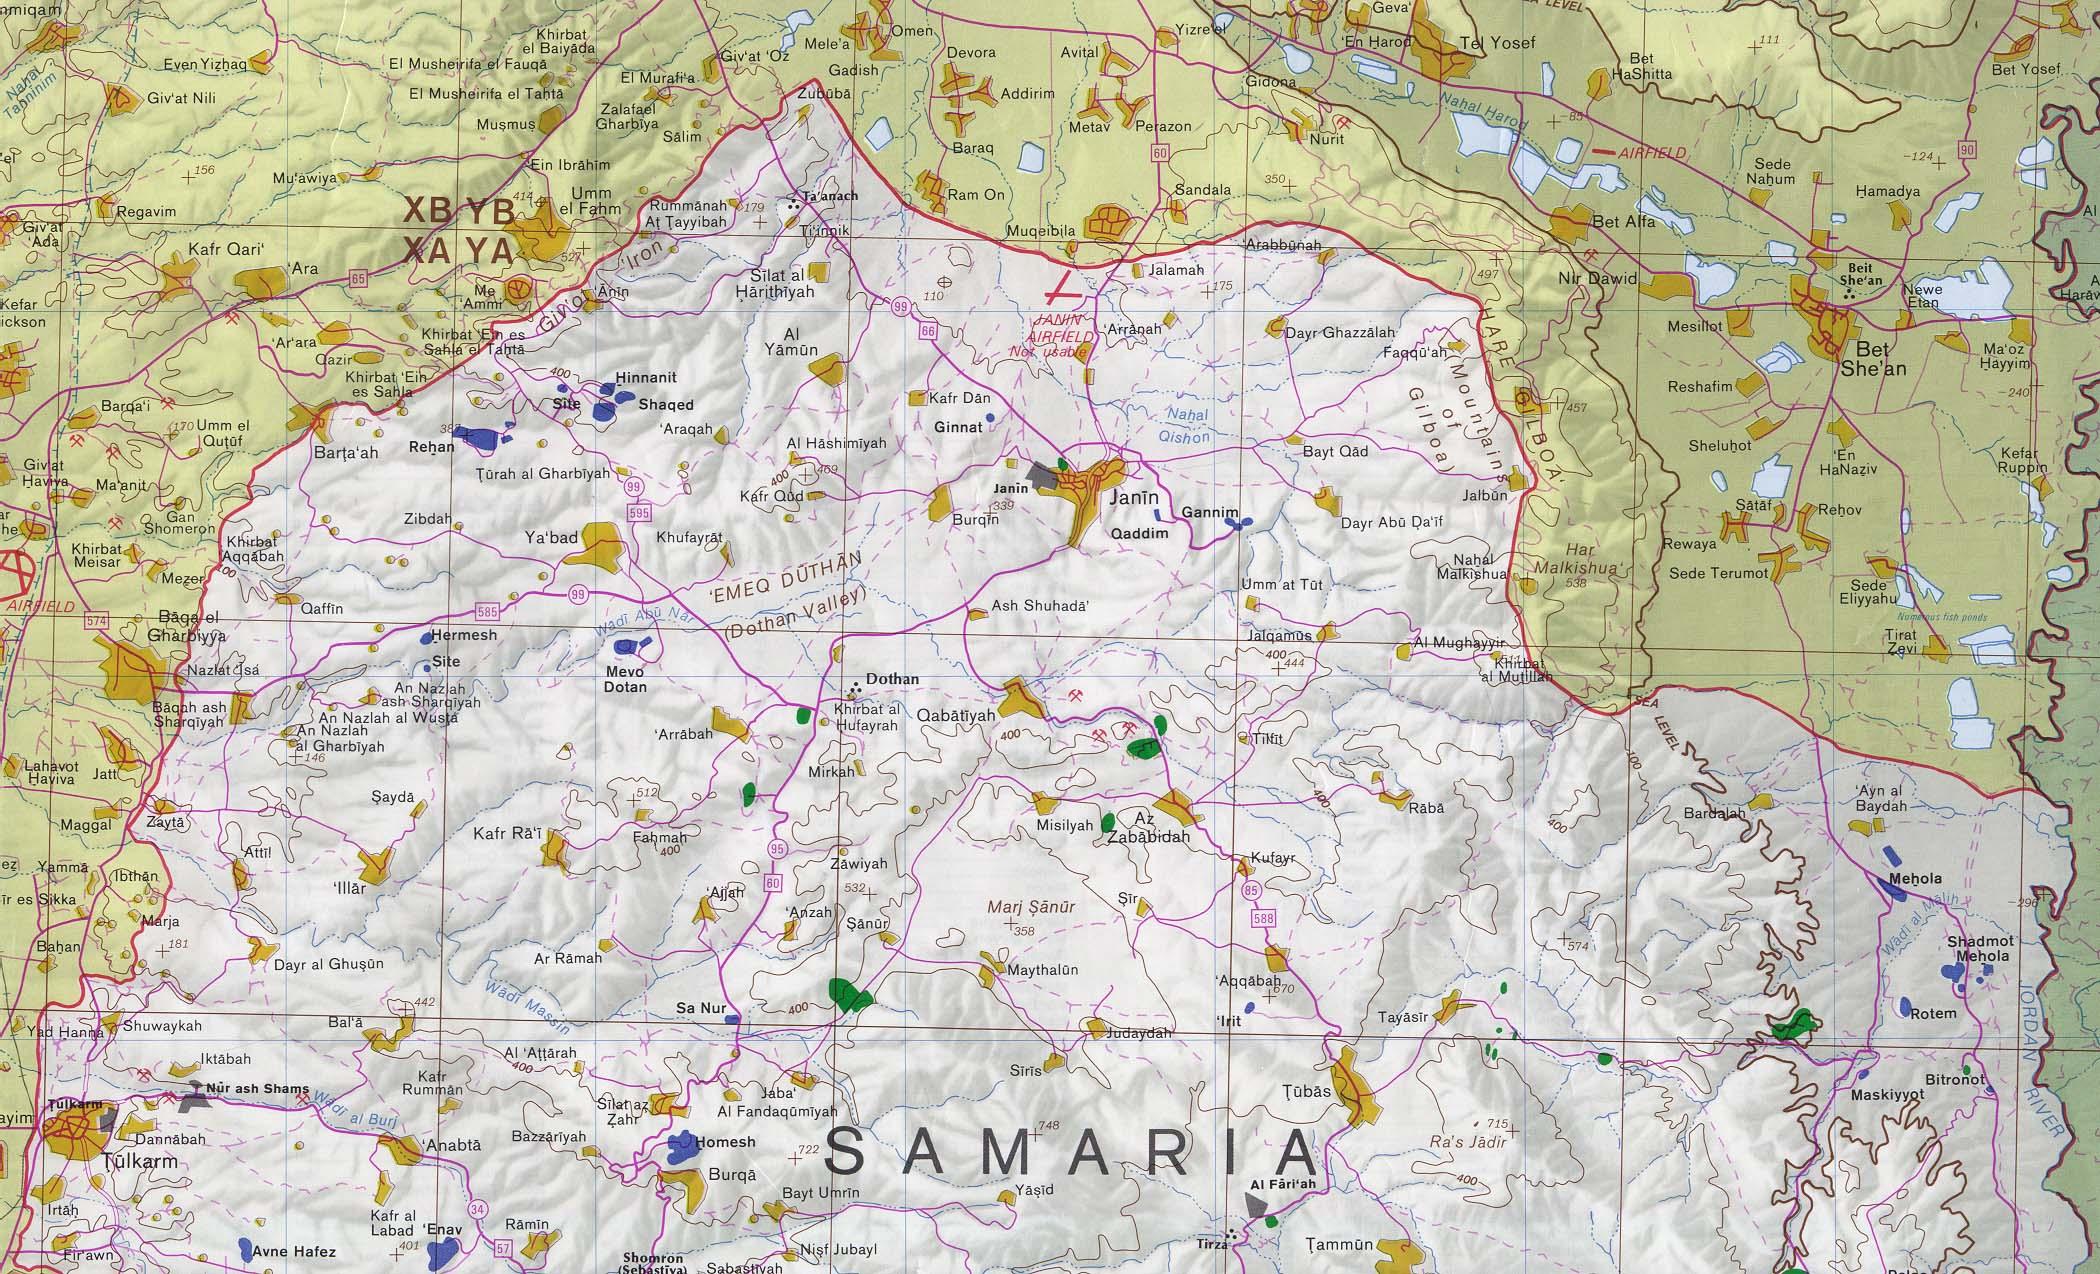 Mapa del Norte de Cisjordania (Norte de Nablus)